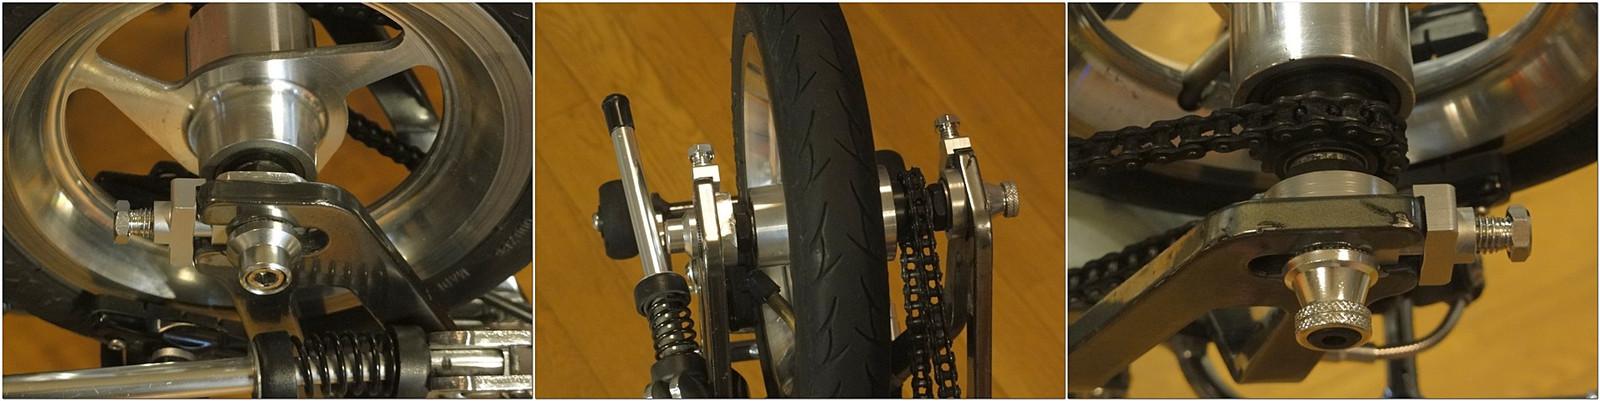 アクセルシャフト(後輪軸)が中空シャフト化されたキャリーミーのリヤホイール(後輪)